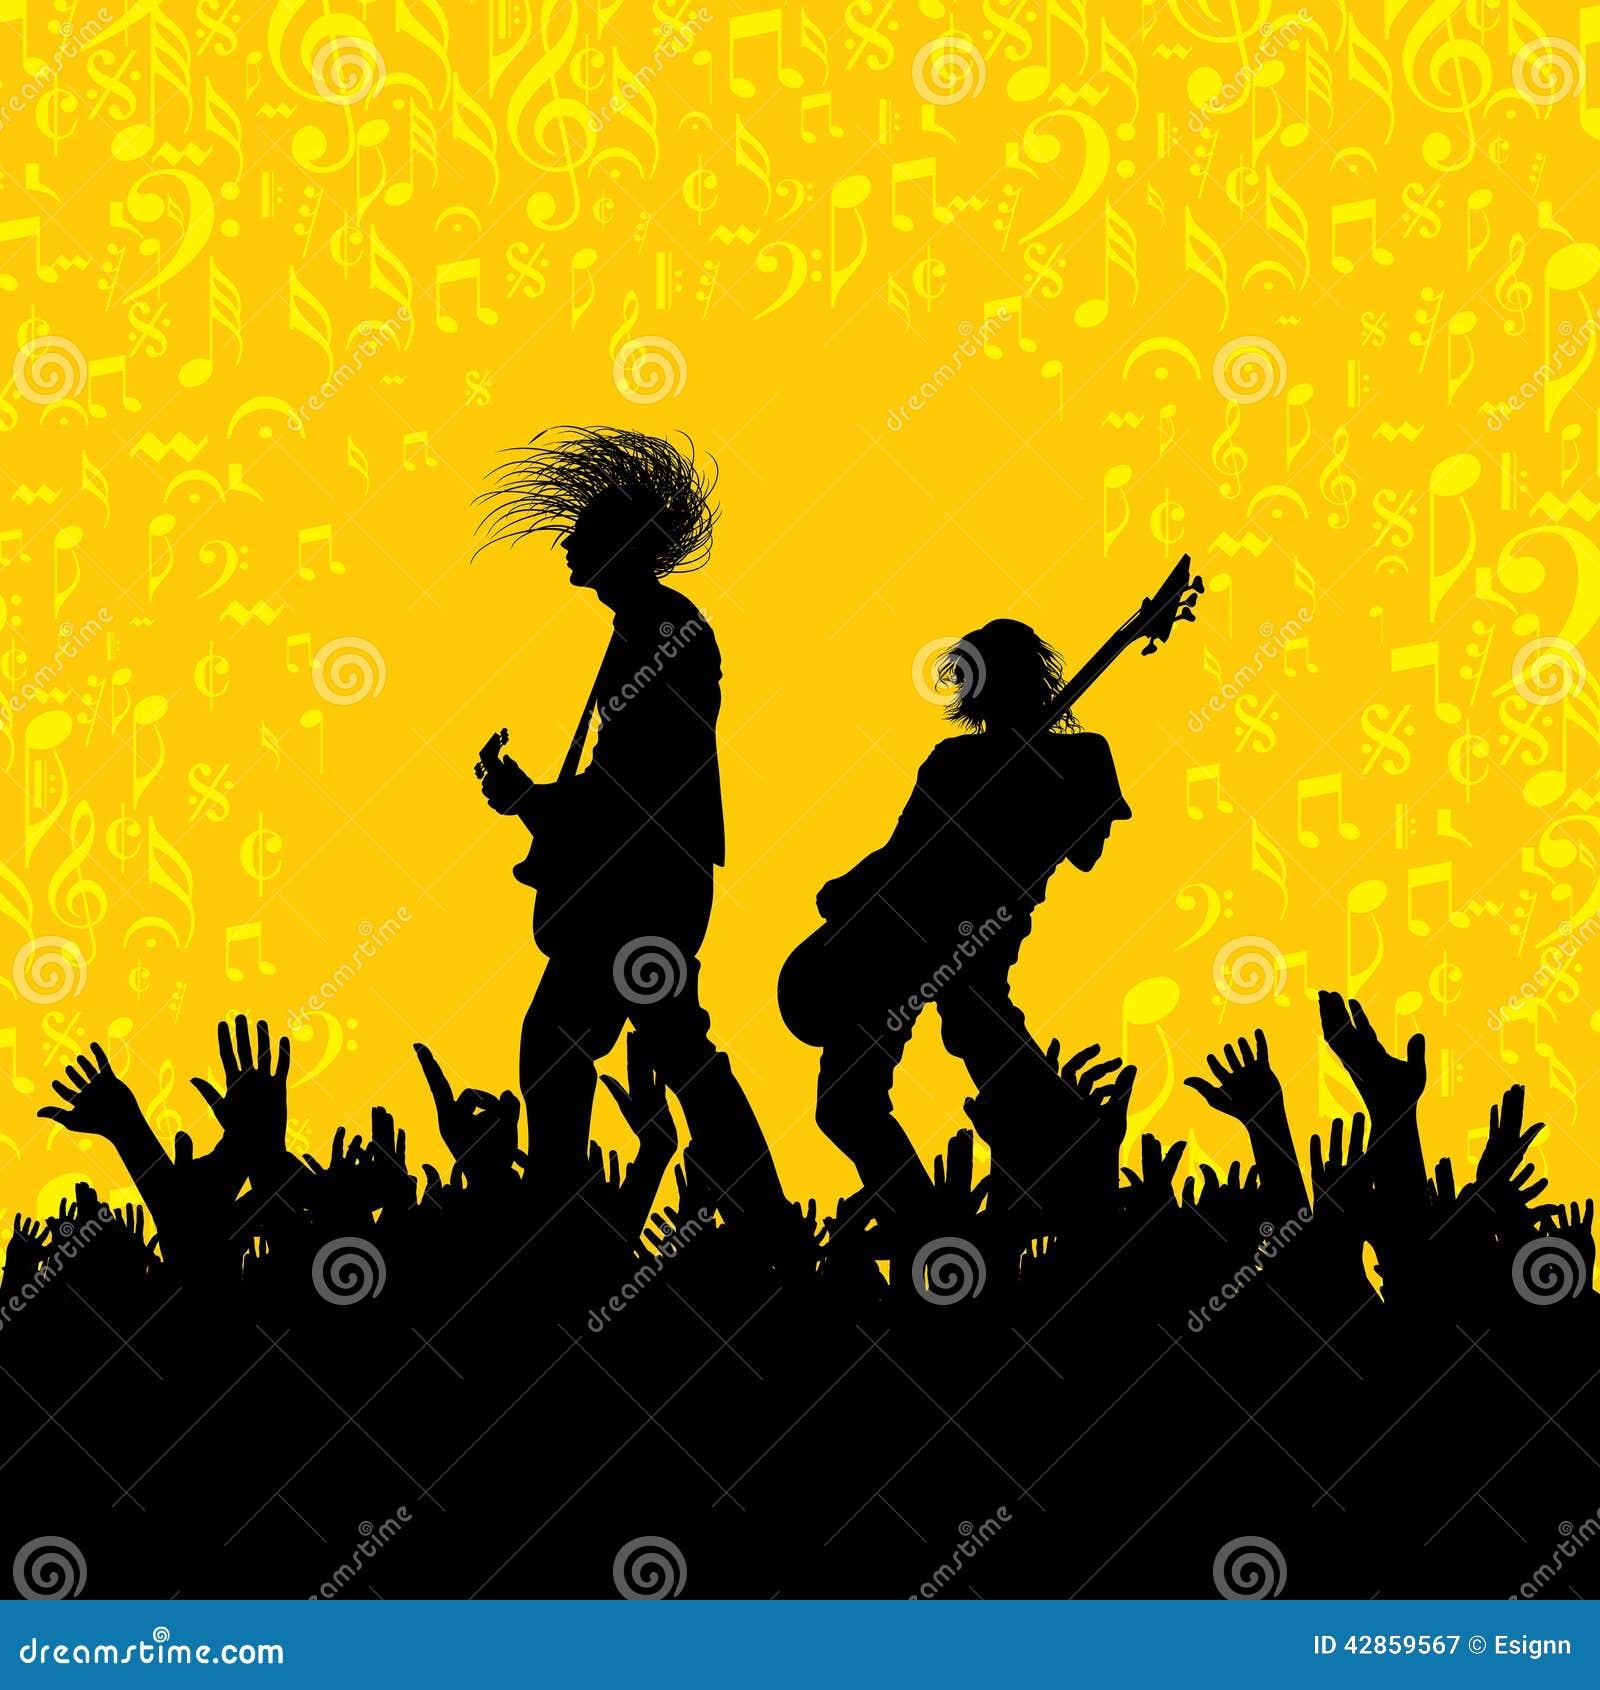 Illustratie van band van musicus het presteren